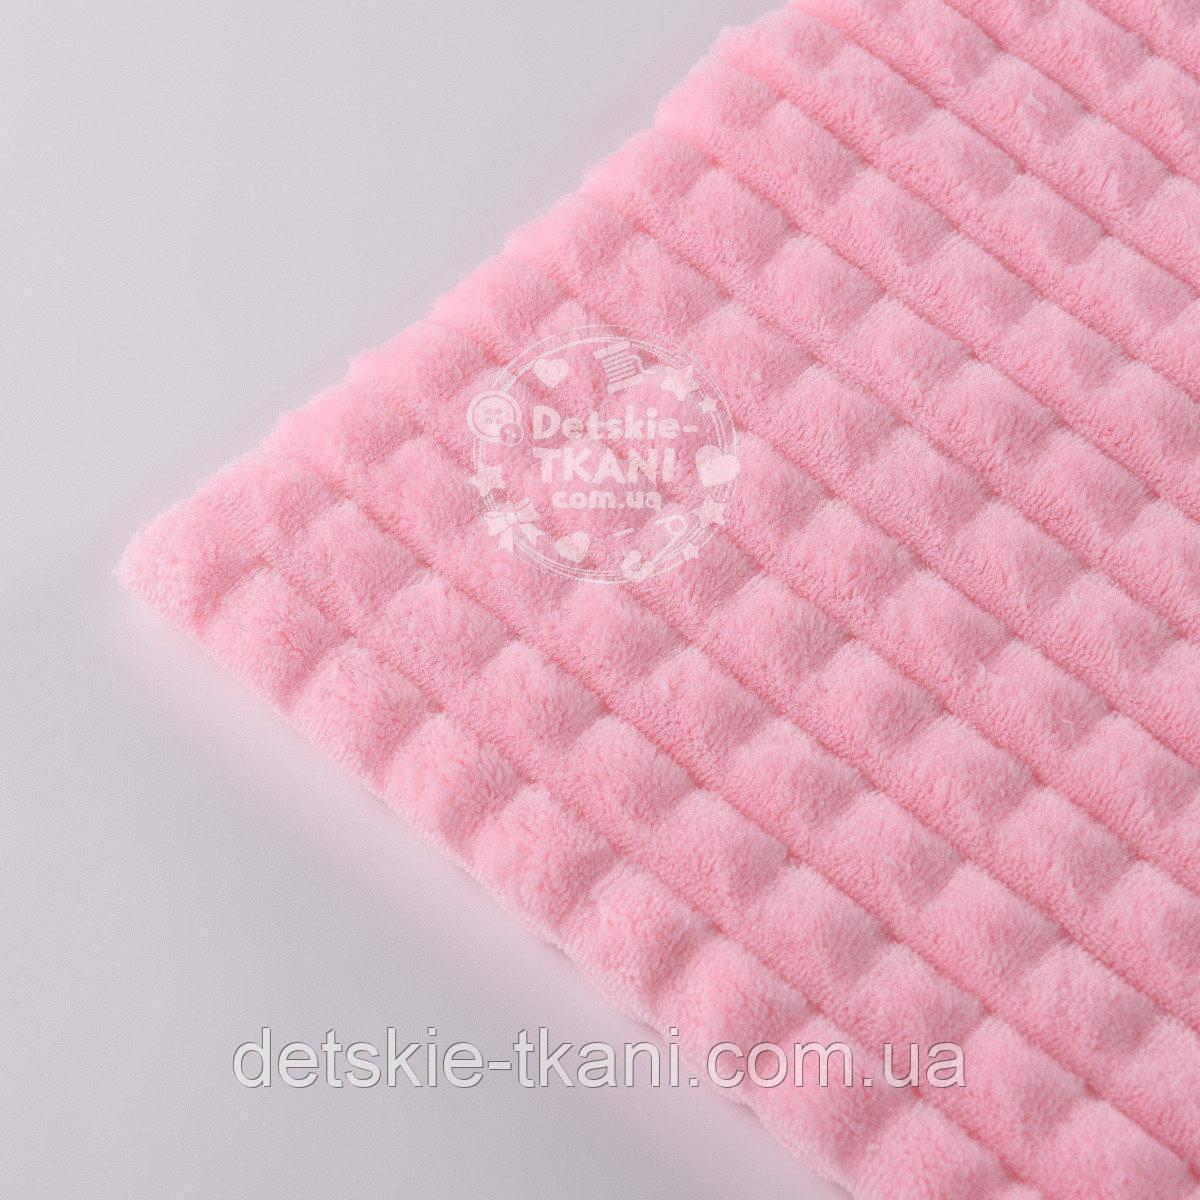 """Лоскут плюша """"Пирамидки"""", цвет розовый (ОМ-56), размер 85*100 см ( есть загрязнение)"""